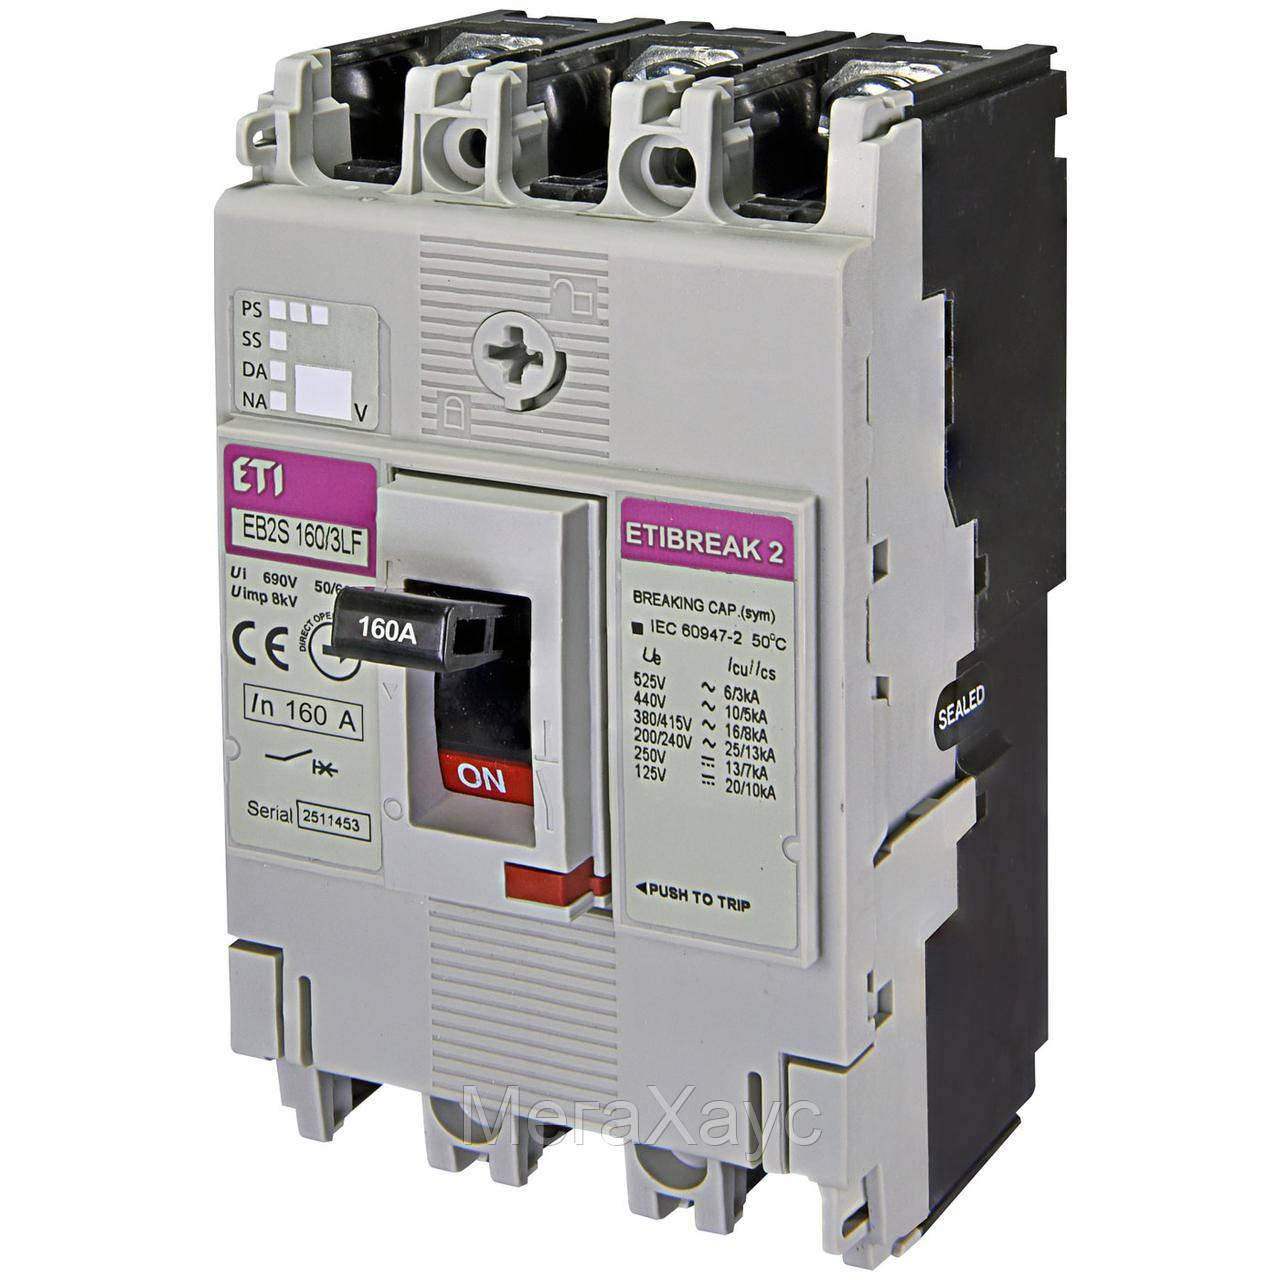 Промышленный автоматический выключатель ETI ETIBREAK    EB2S 160/3LF 160А 3P (16kA фикс.настр.